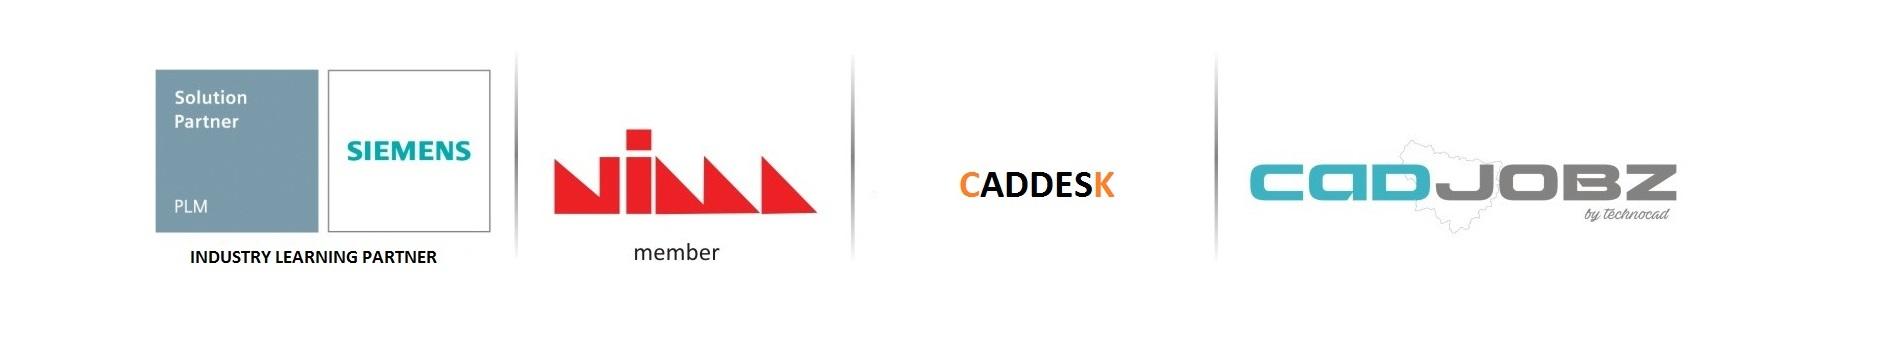 logos-of-tieups